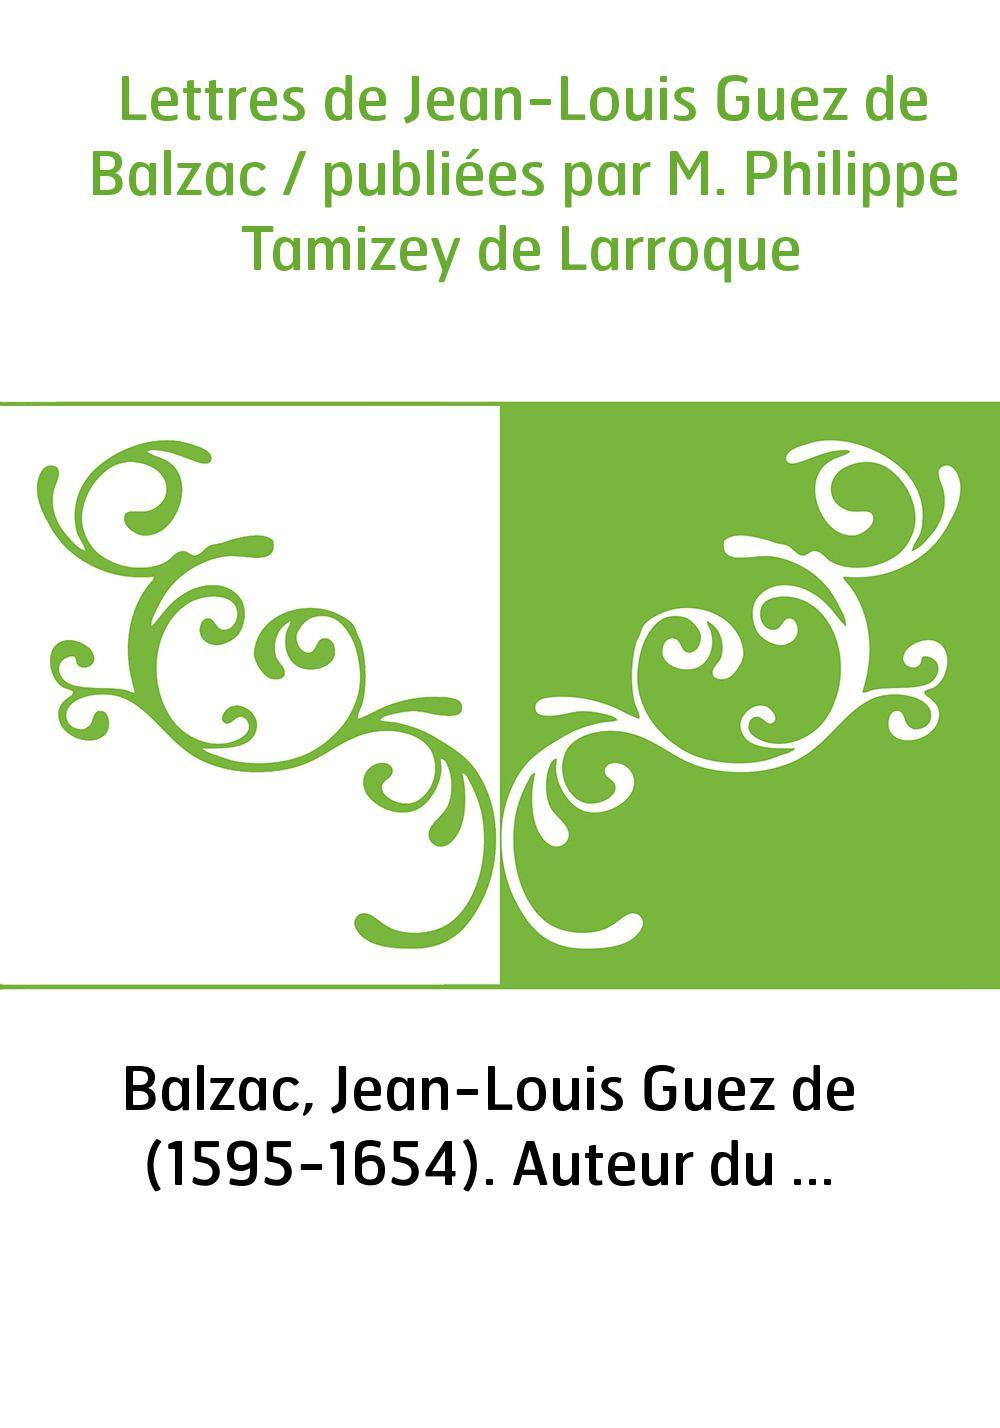 Lettres de Jean-Louis Guez de Balzac / publiées par M. Philippe Tamizey de Larroque